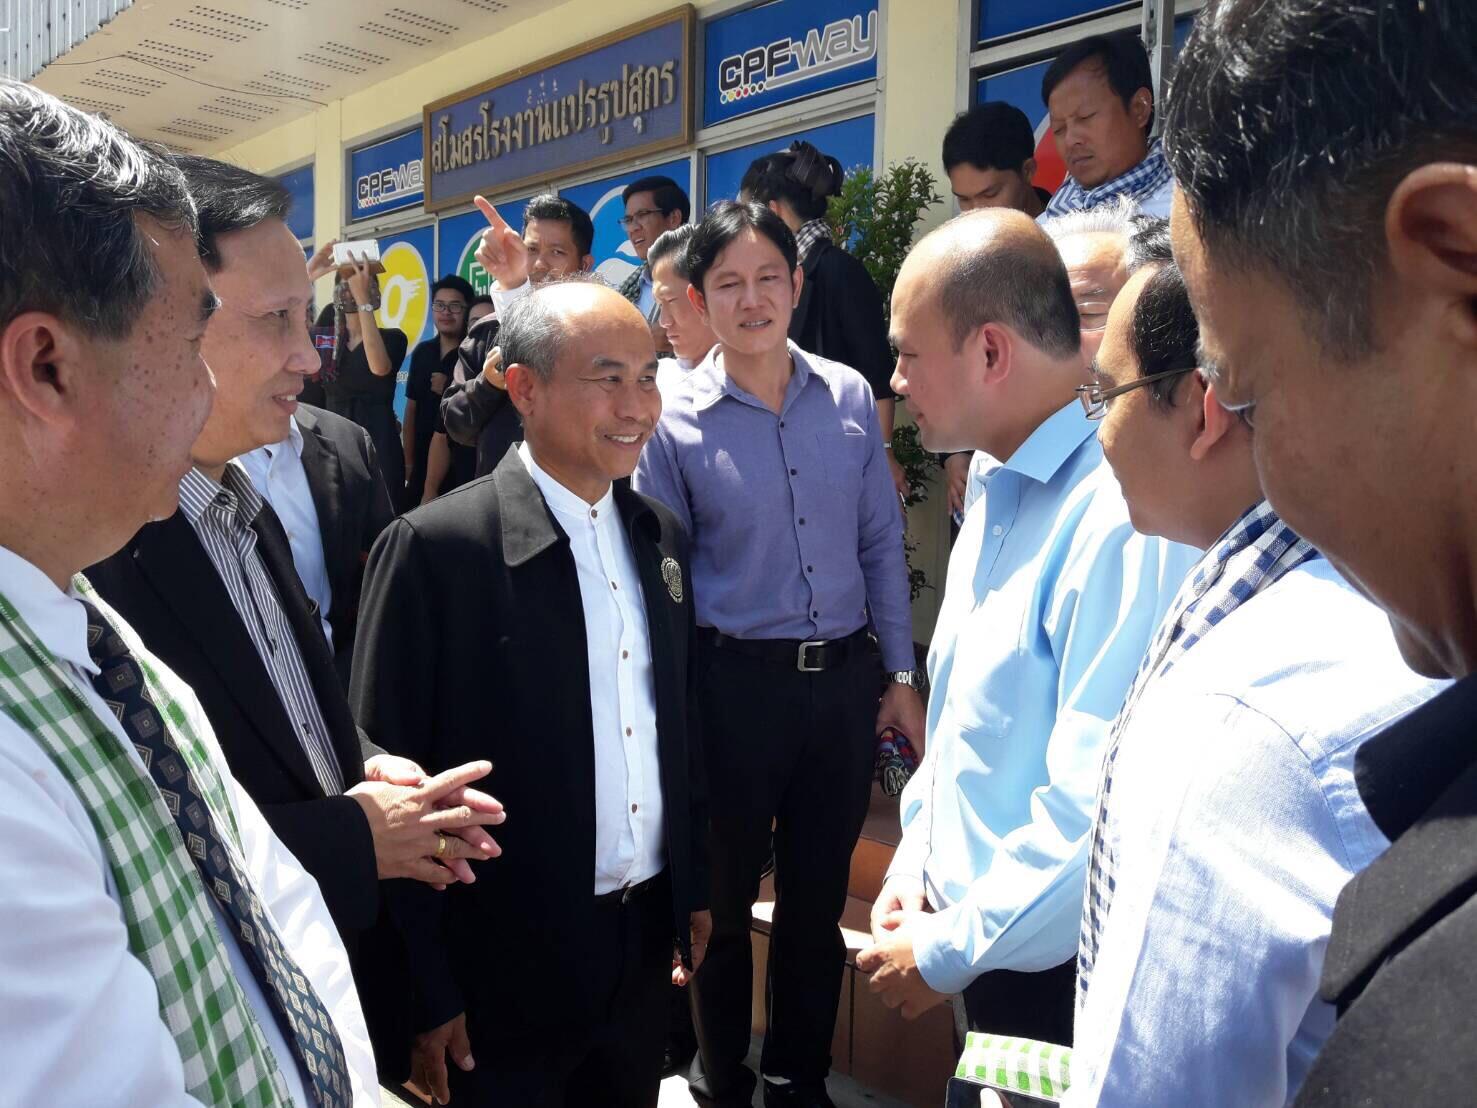 สมาชิกสภาแห่งชาติกัมพูชาและคณะ เยี่ยมเยียนแรงงานกัมพูชาที่จังหวัดฉะเชิงเทรา